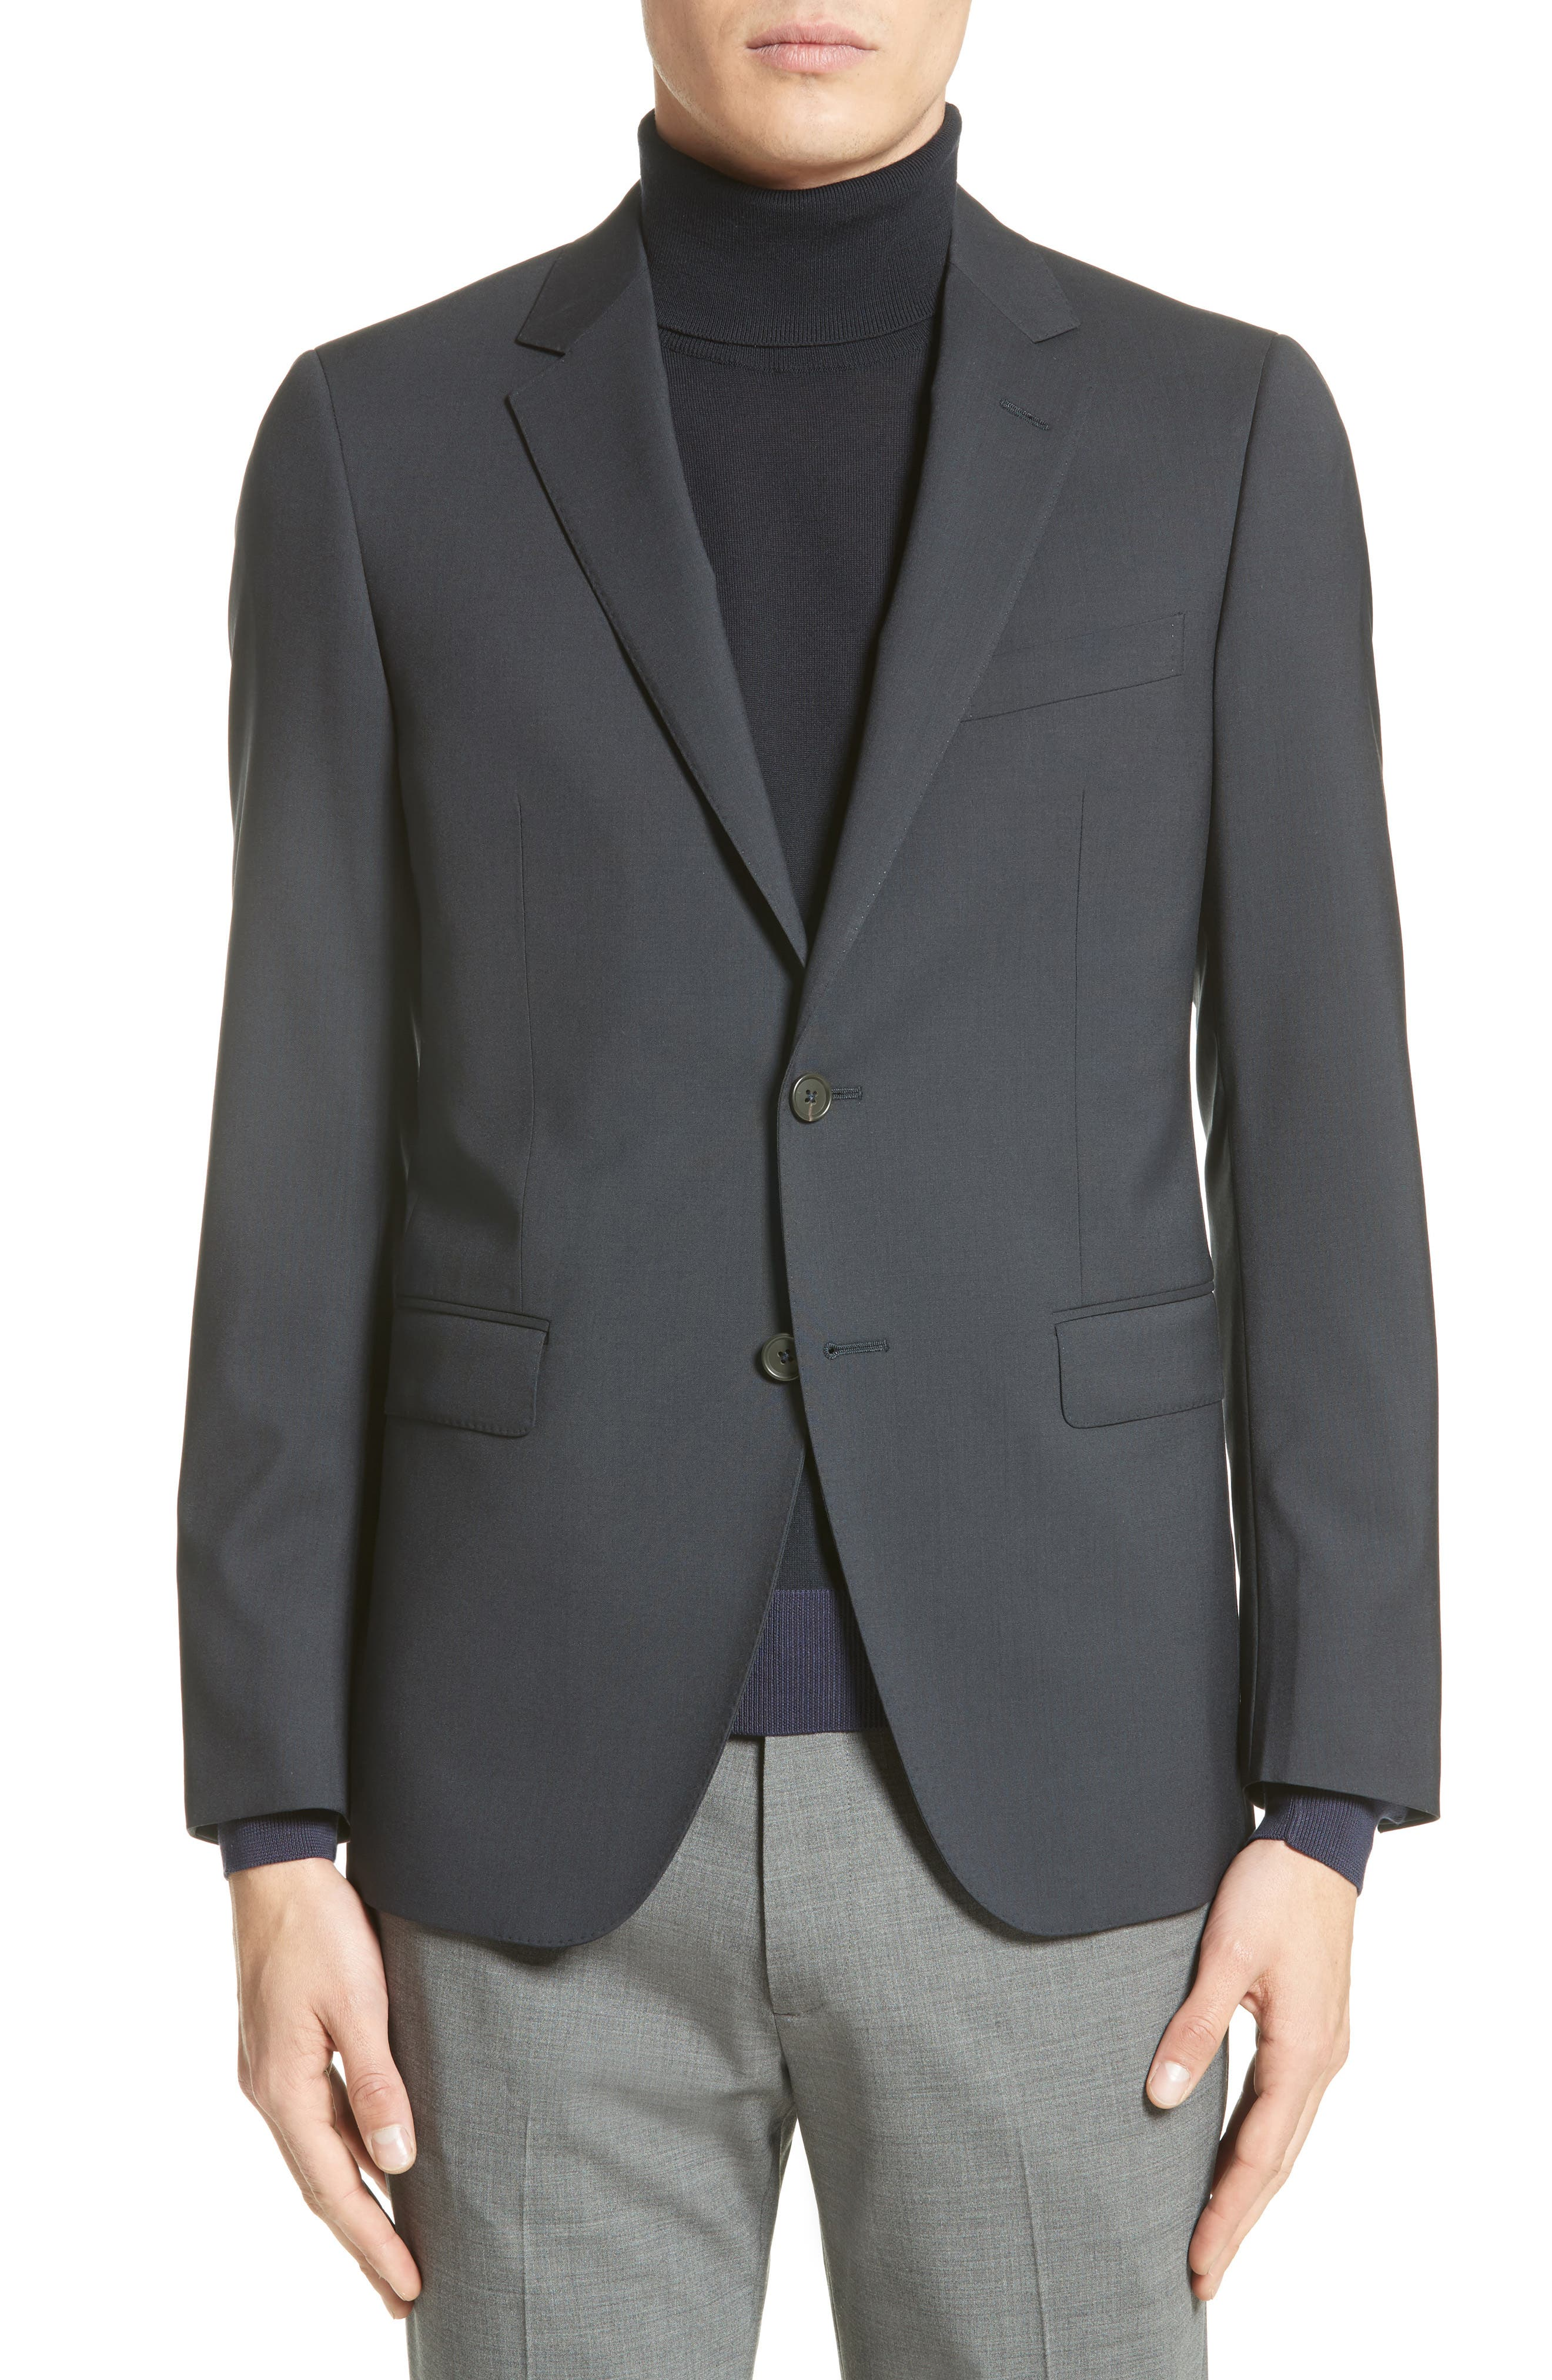 Lanvin Tropical Wool Suit Jacket